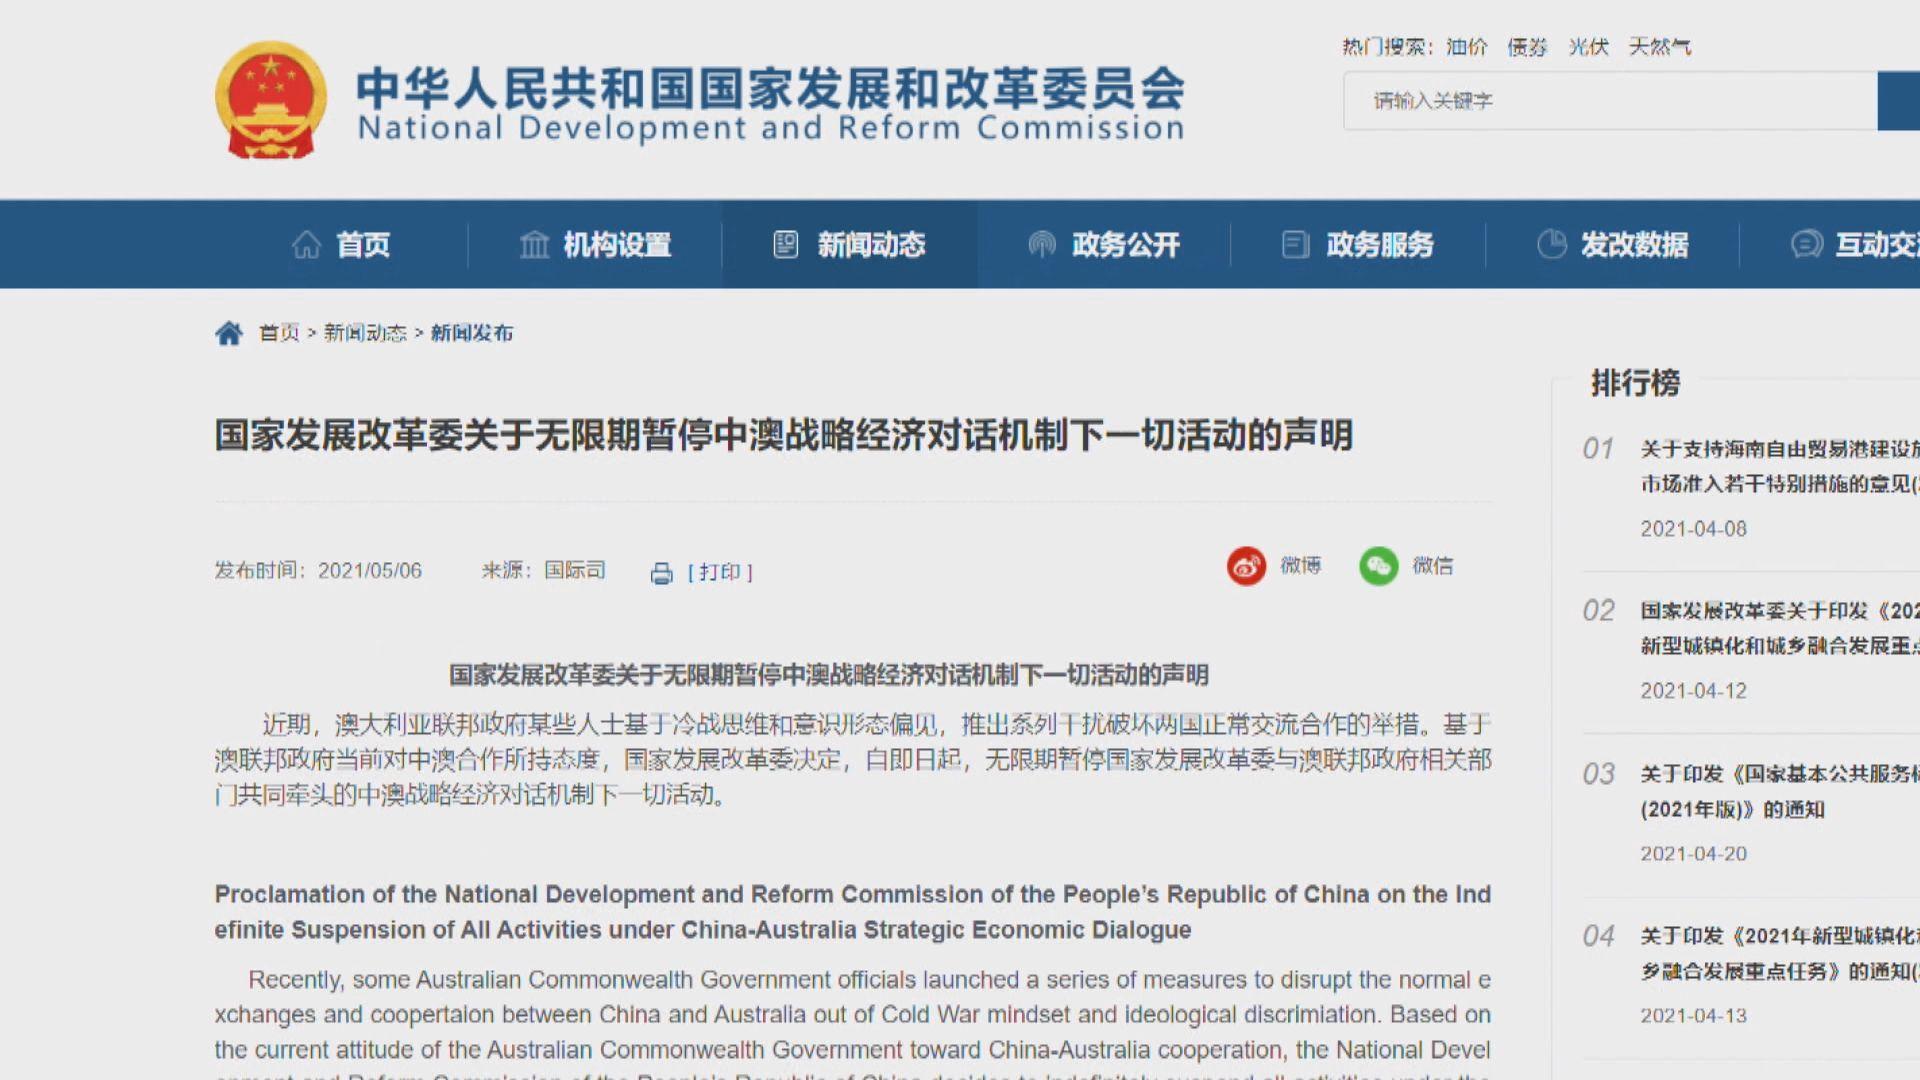 中國無限期暫停中澳戰略經濟對話機制活動